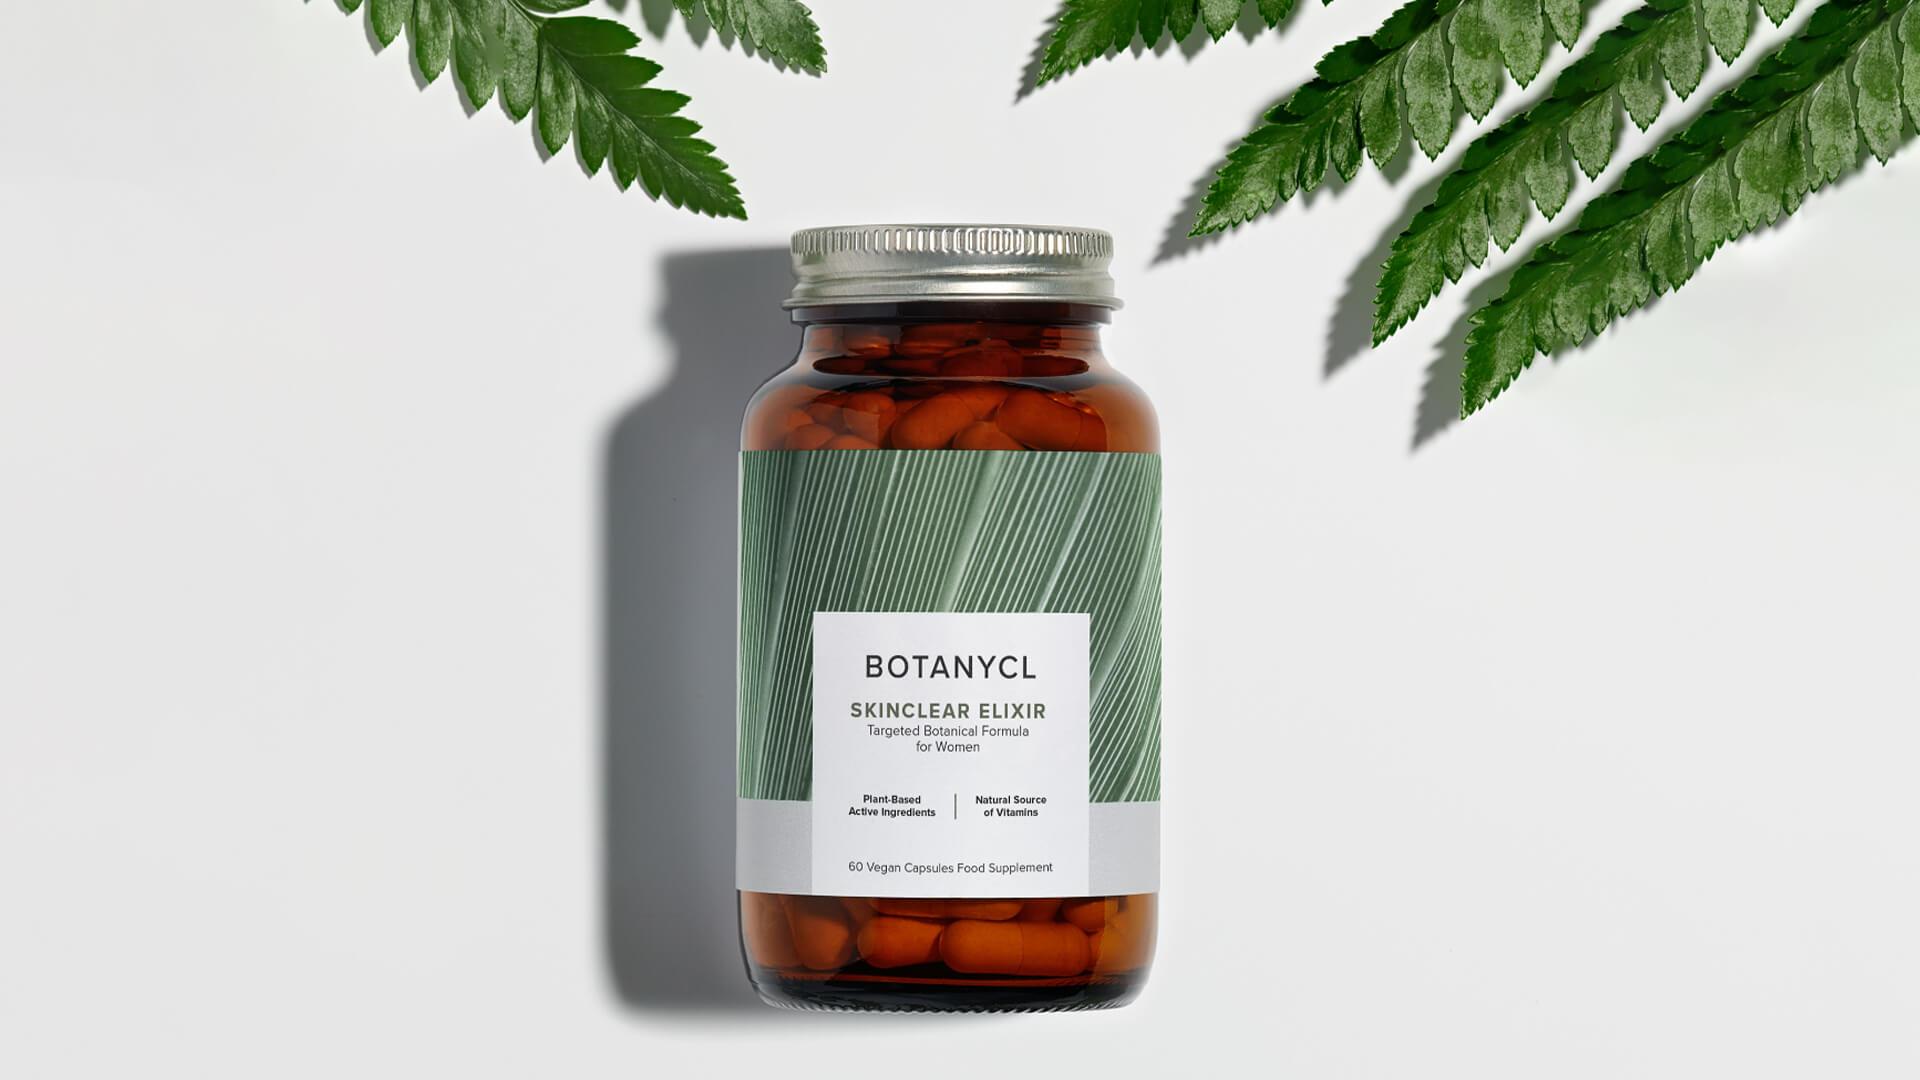 botanycl